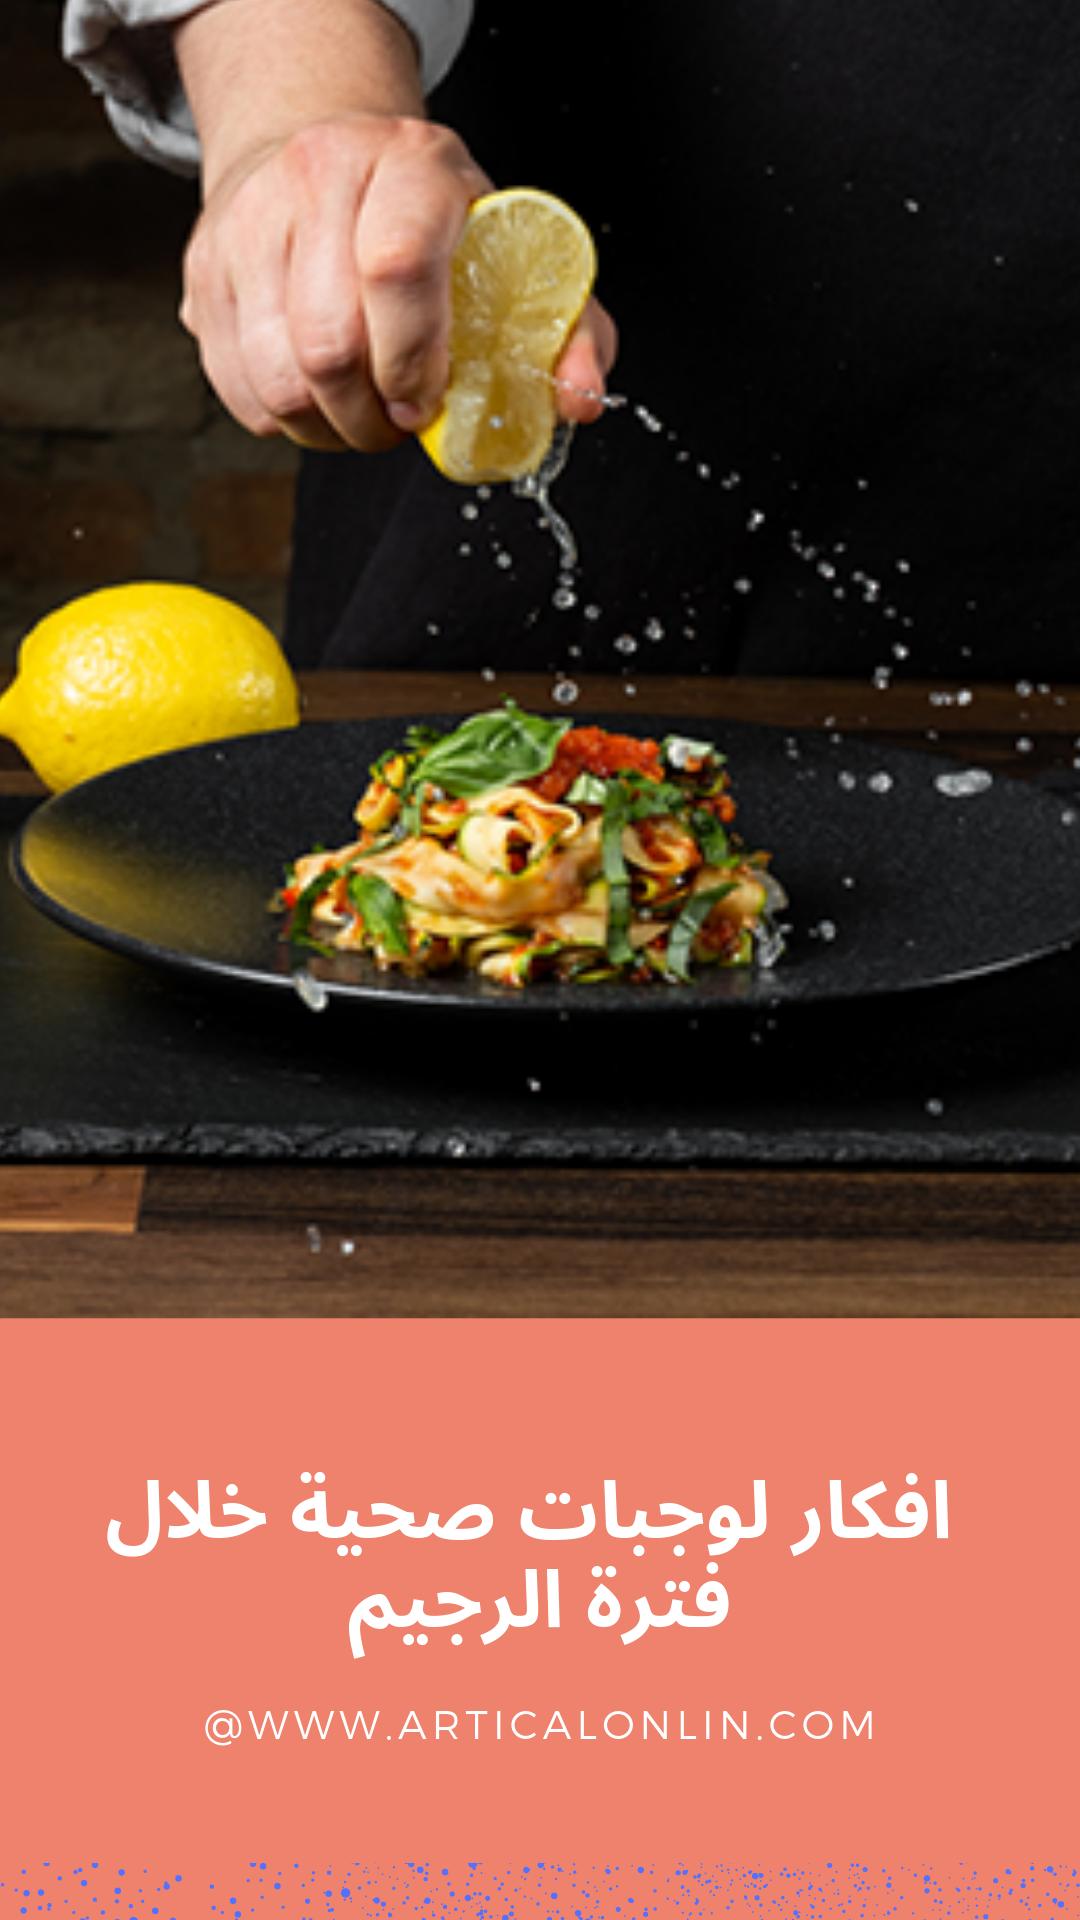 3 افكار لوجبات صحية سهلة وسريعة خلال فترة الرجيم رجيم سريع حرق الدهون زيادة الوزن Regime 3 Ideas For Healthy Meals Fast And Healthy Recipes Healthy Meals